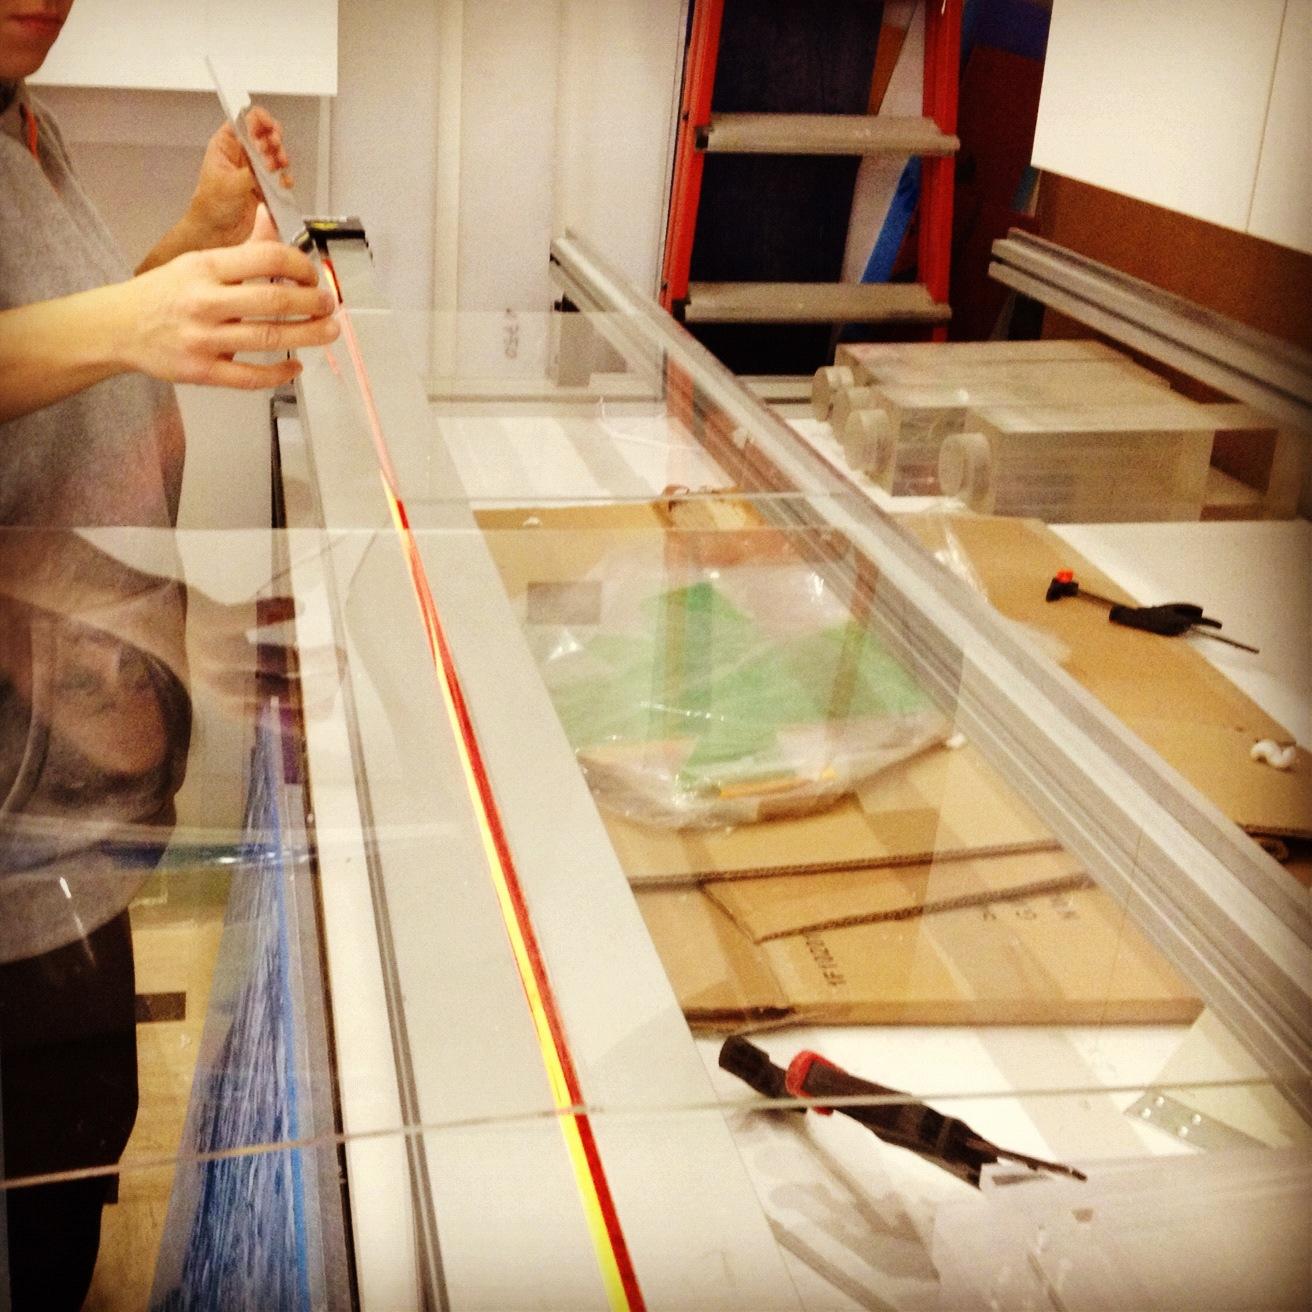 Base appoggio lavabi legno grezzo - Mensole bagno plexiglass ...